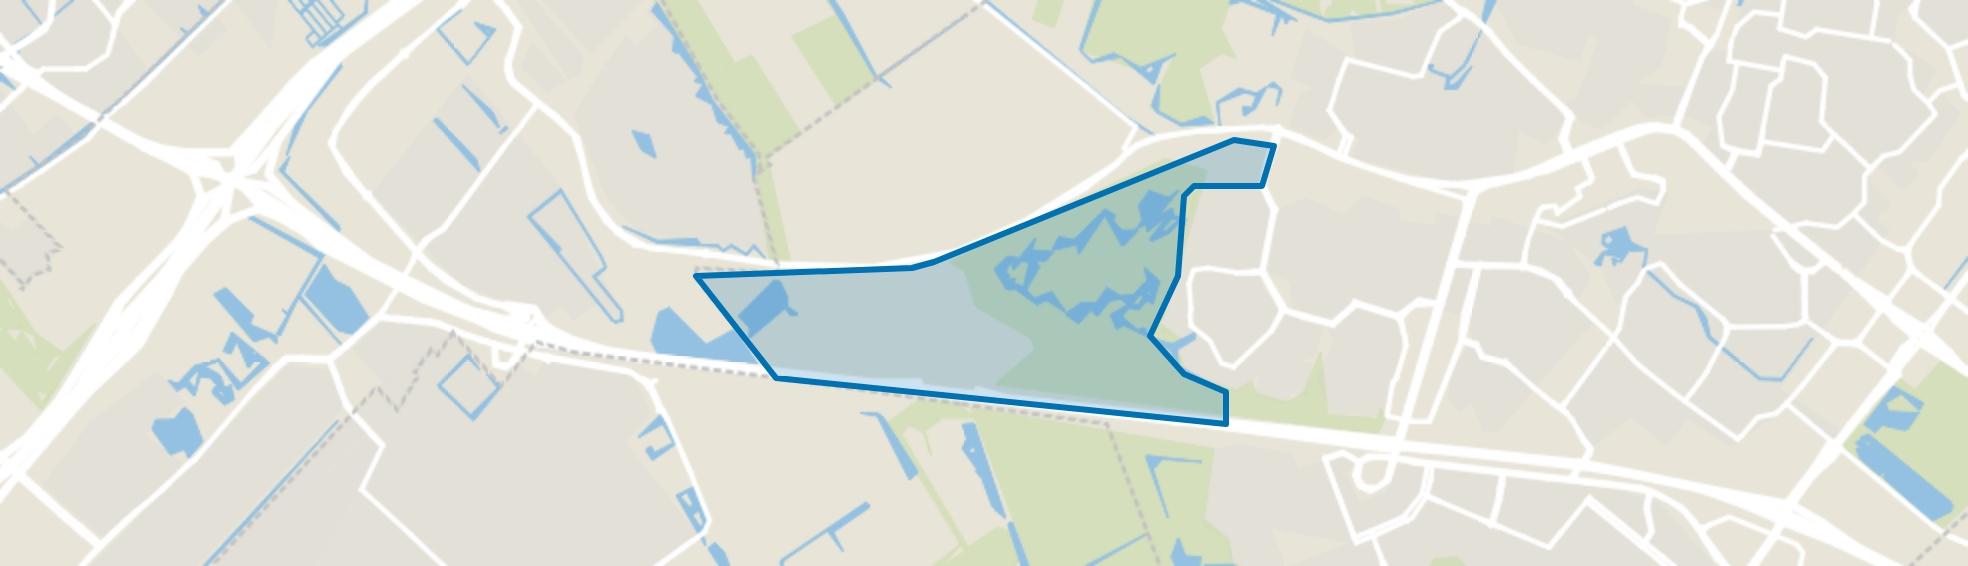 Westerpark c.a., Zoetermeer map